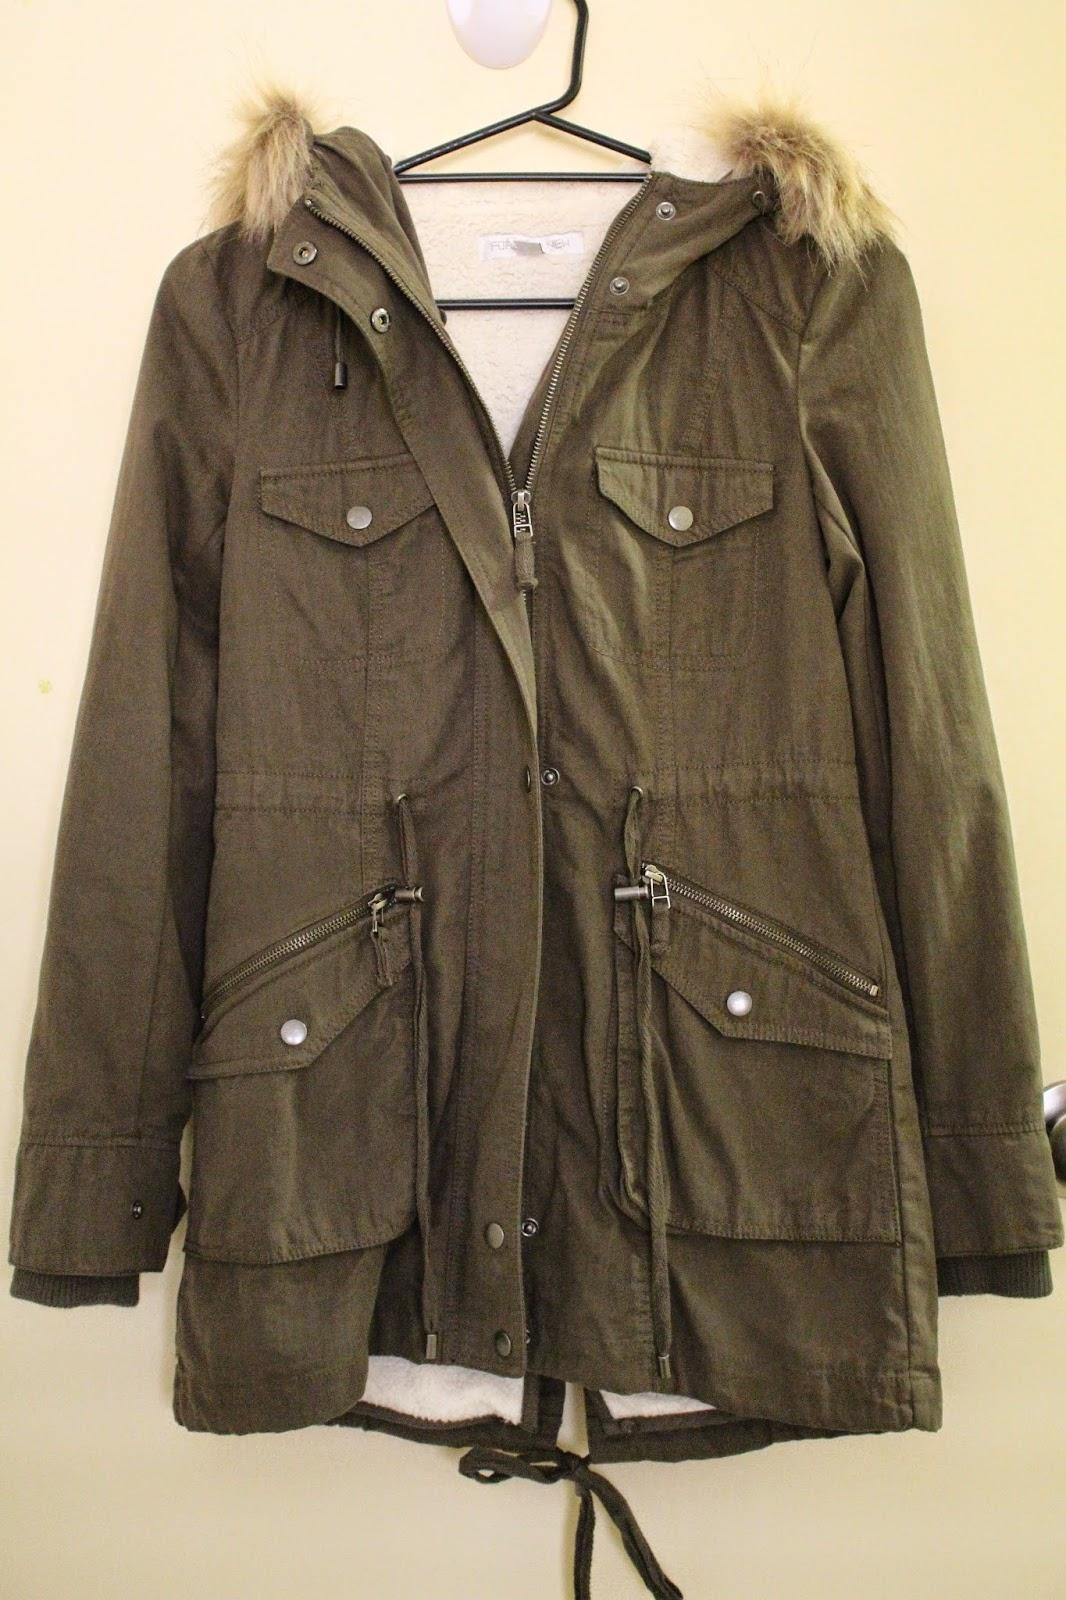 fall fashion haul, autumn fashion haul, khaki military jacket